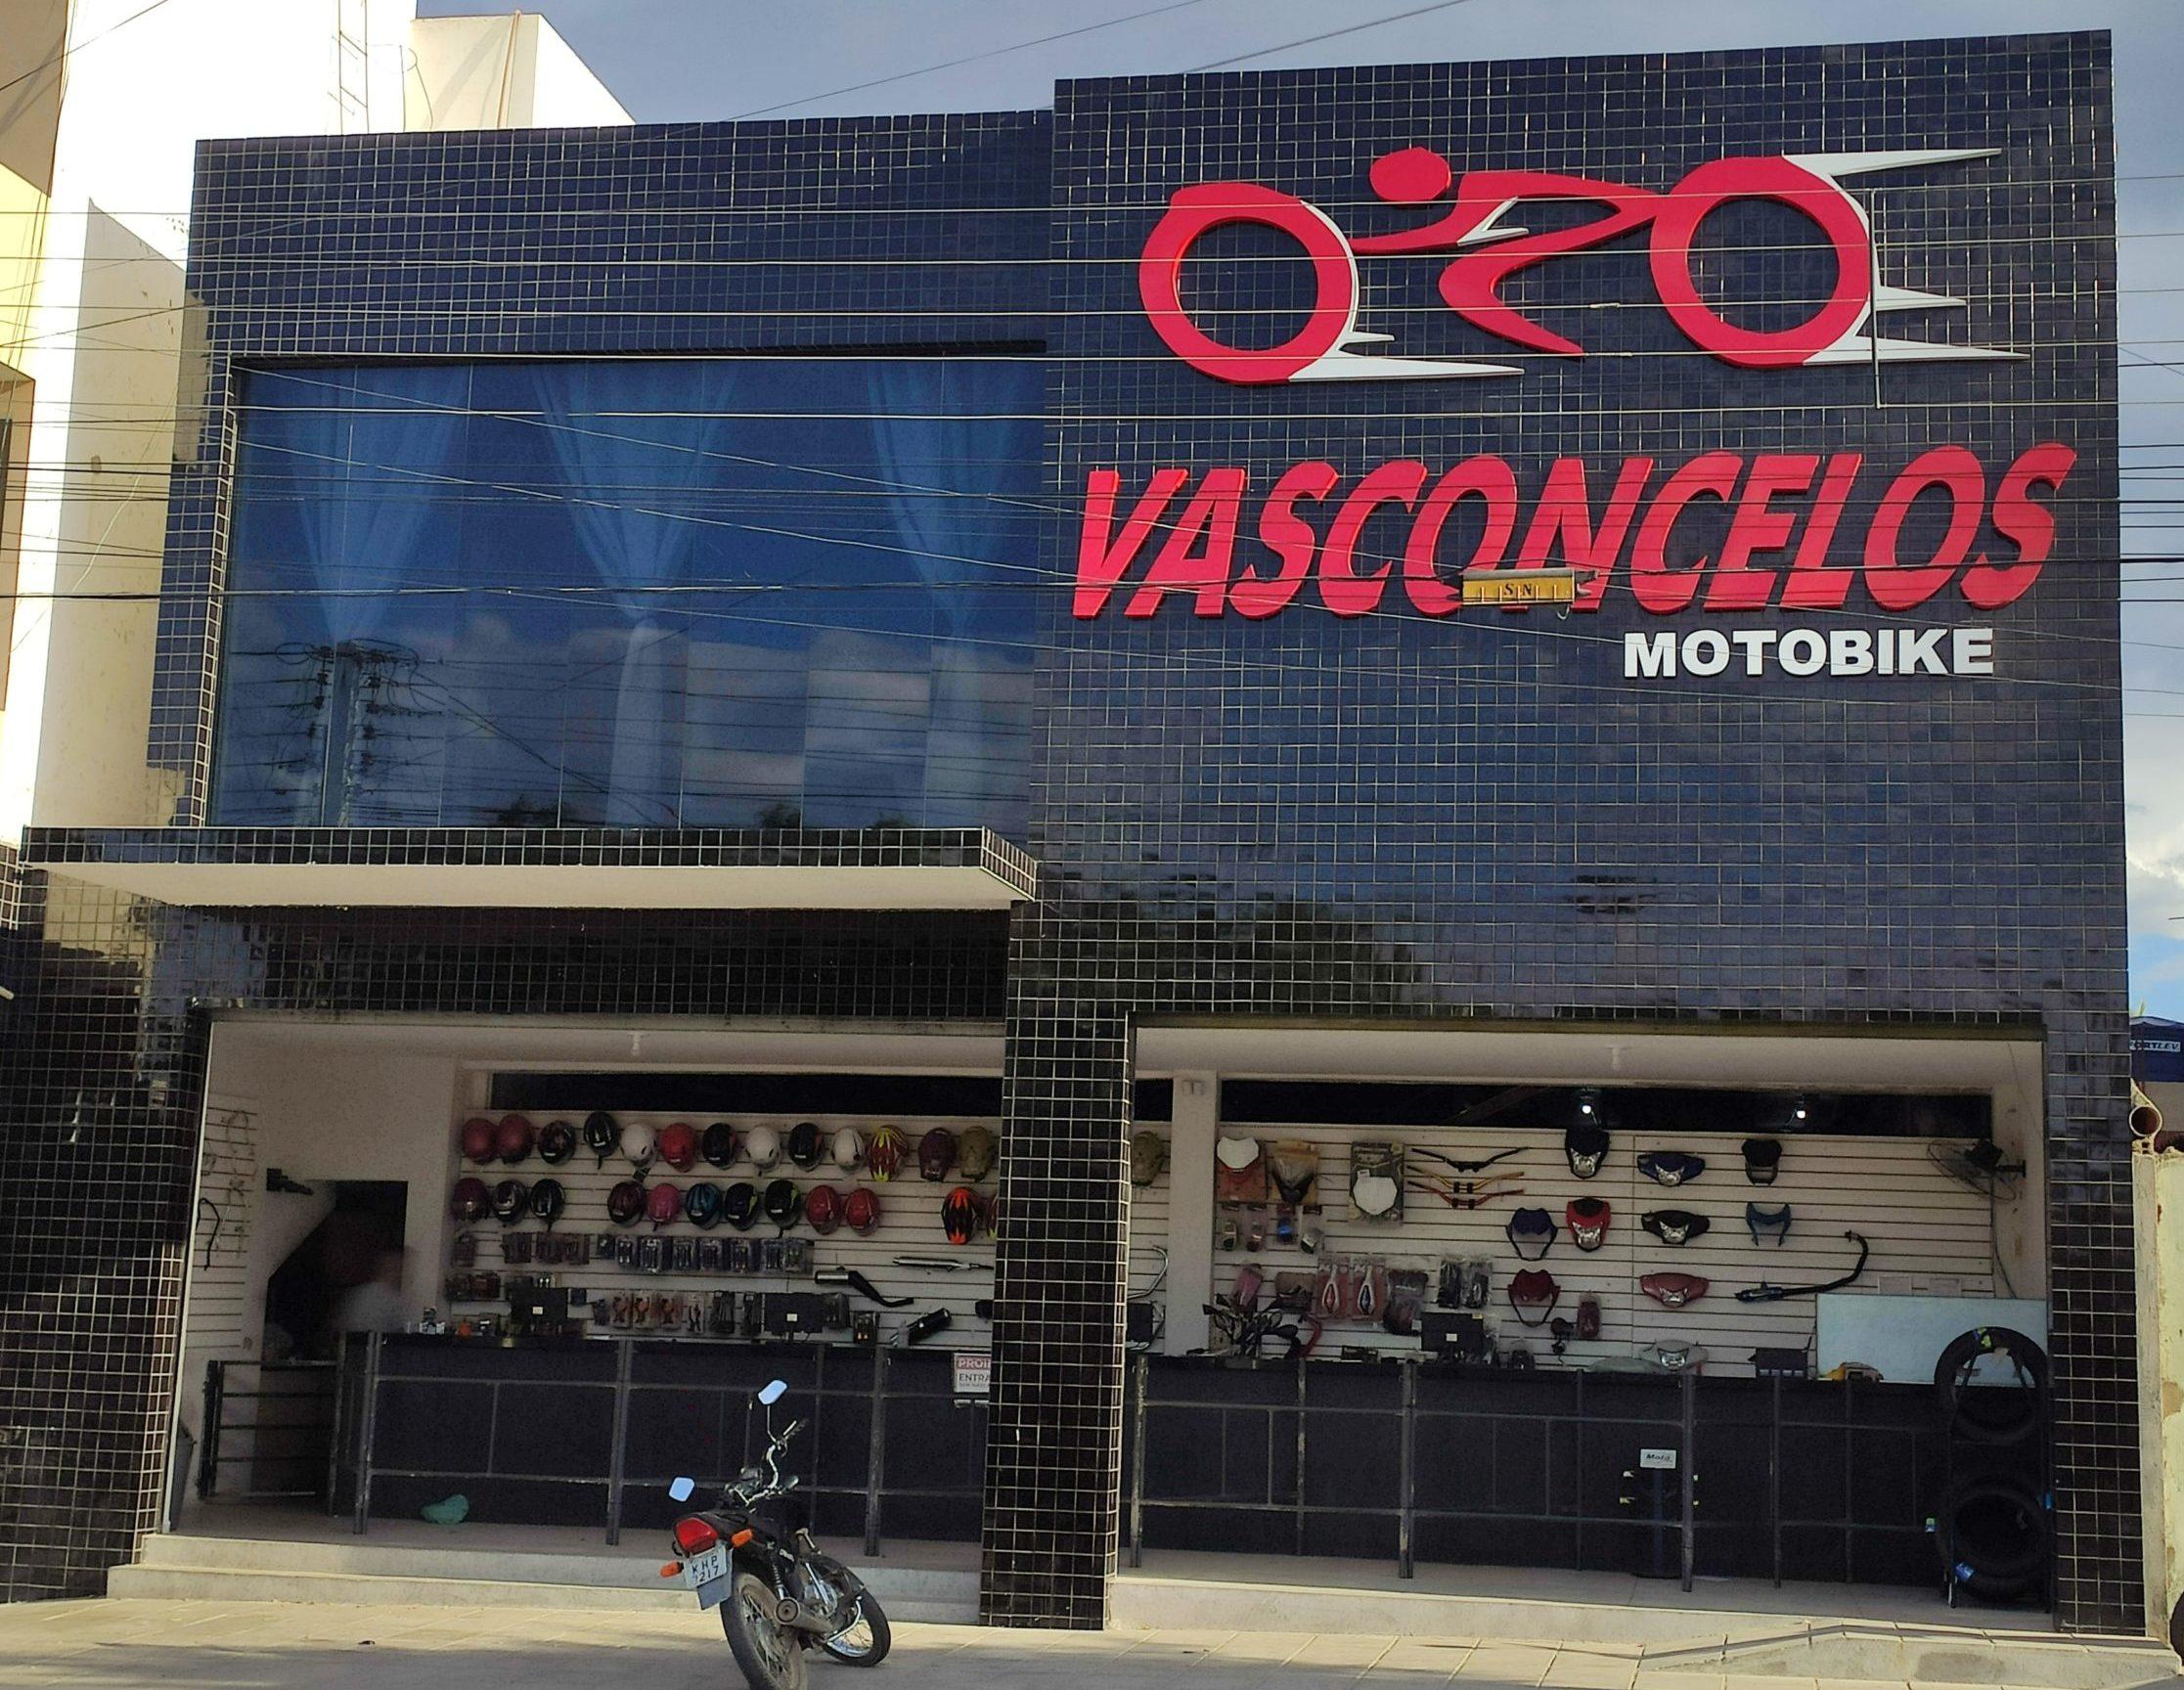 IMG_20201201_160033-scaled-e1606854129338 Promoção Black Friday Preço de Fábrica na Vasconcelos MotoBike